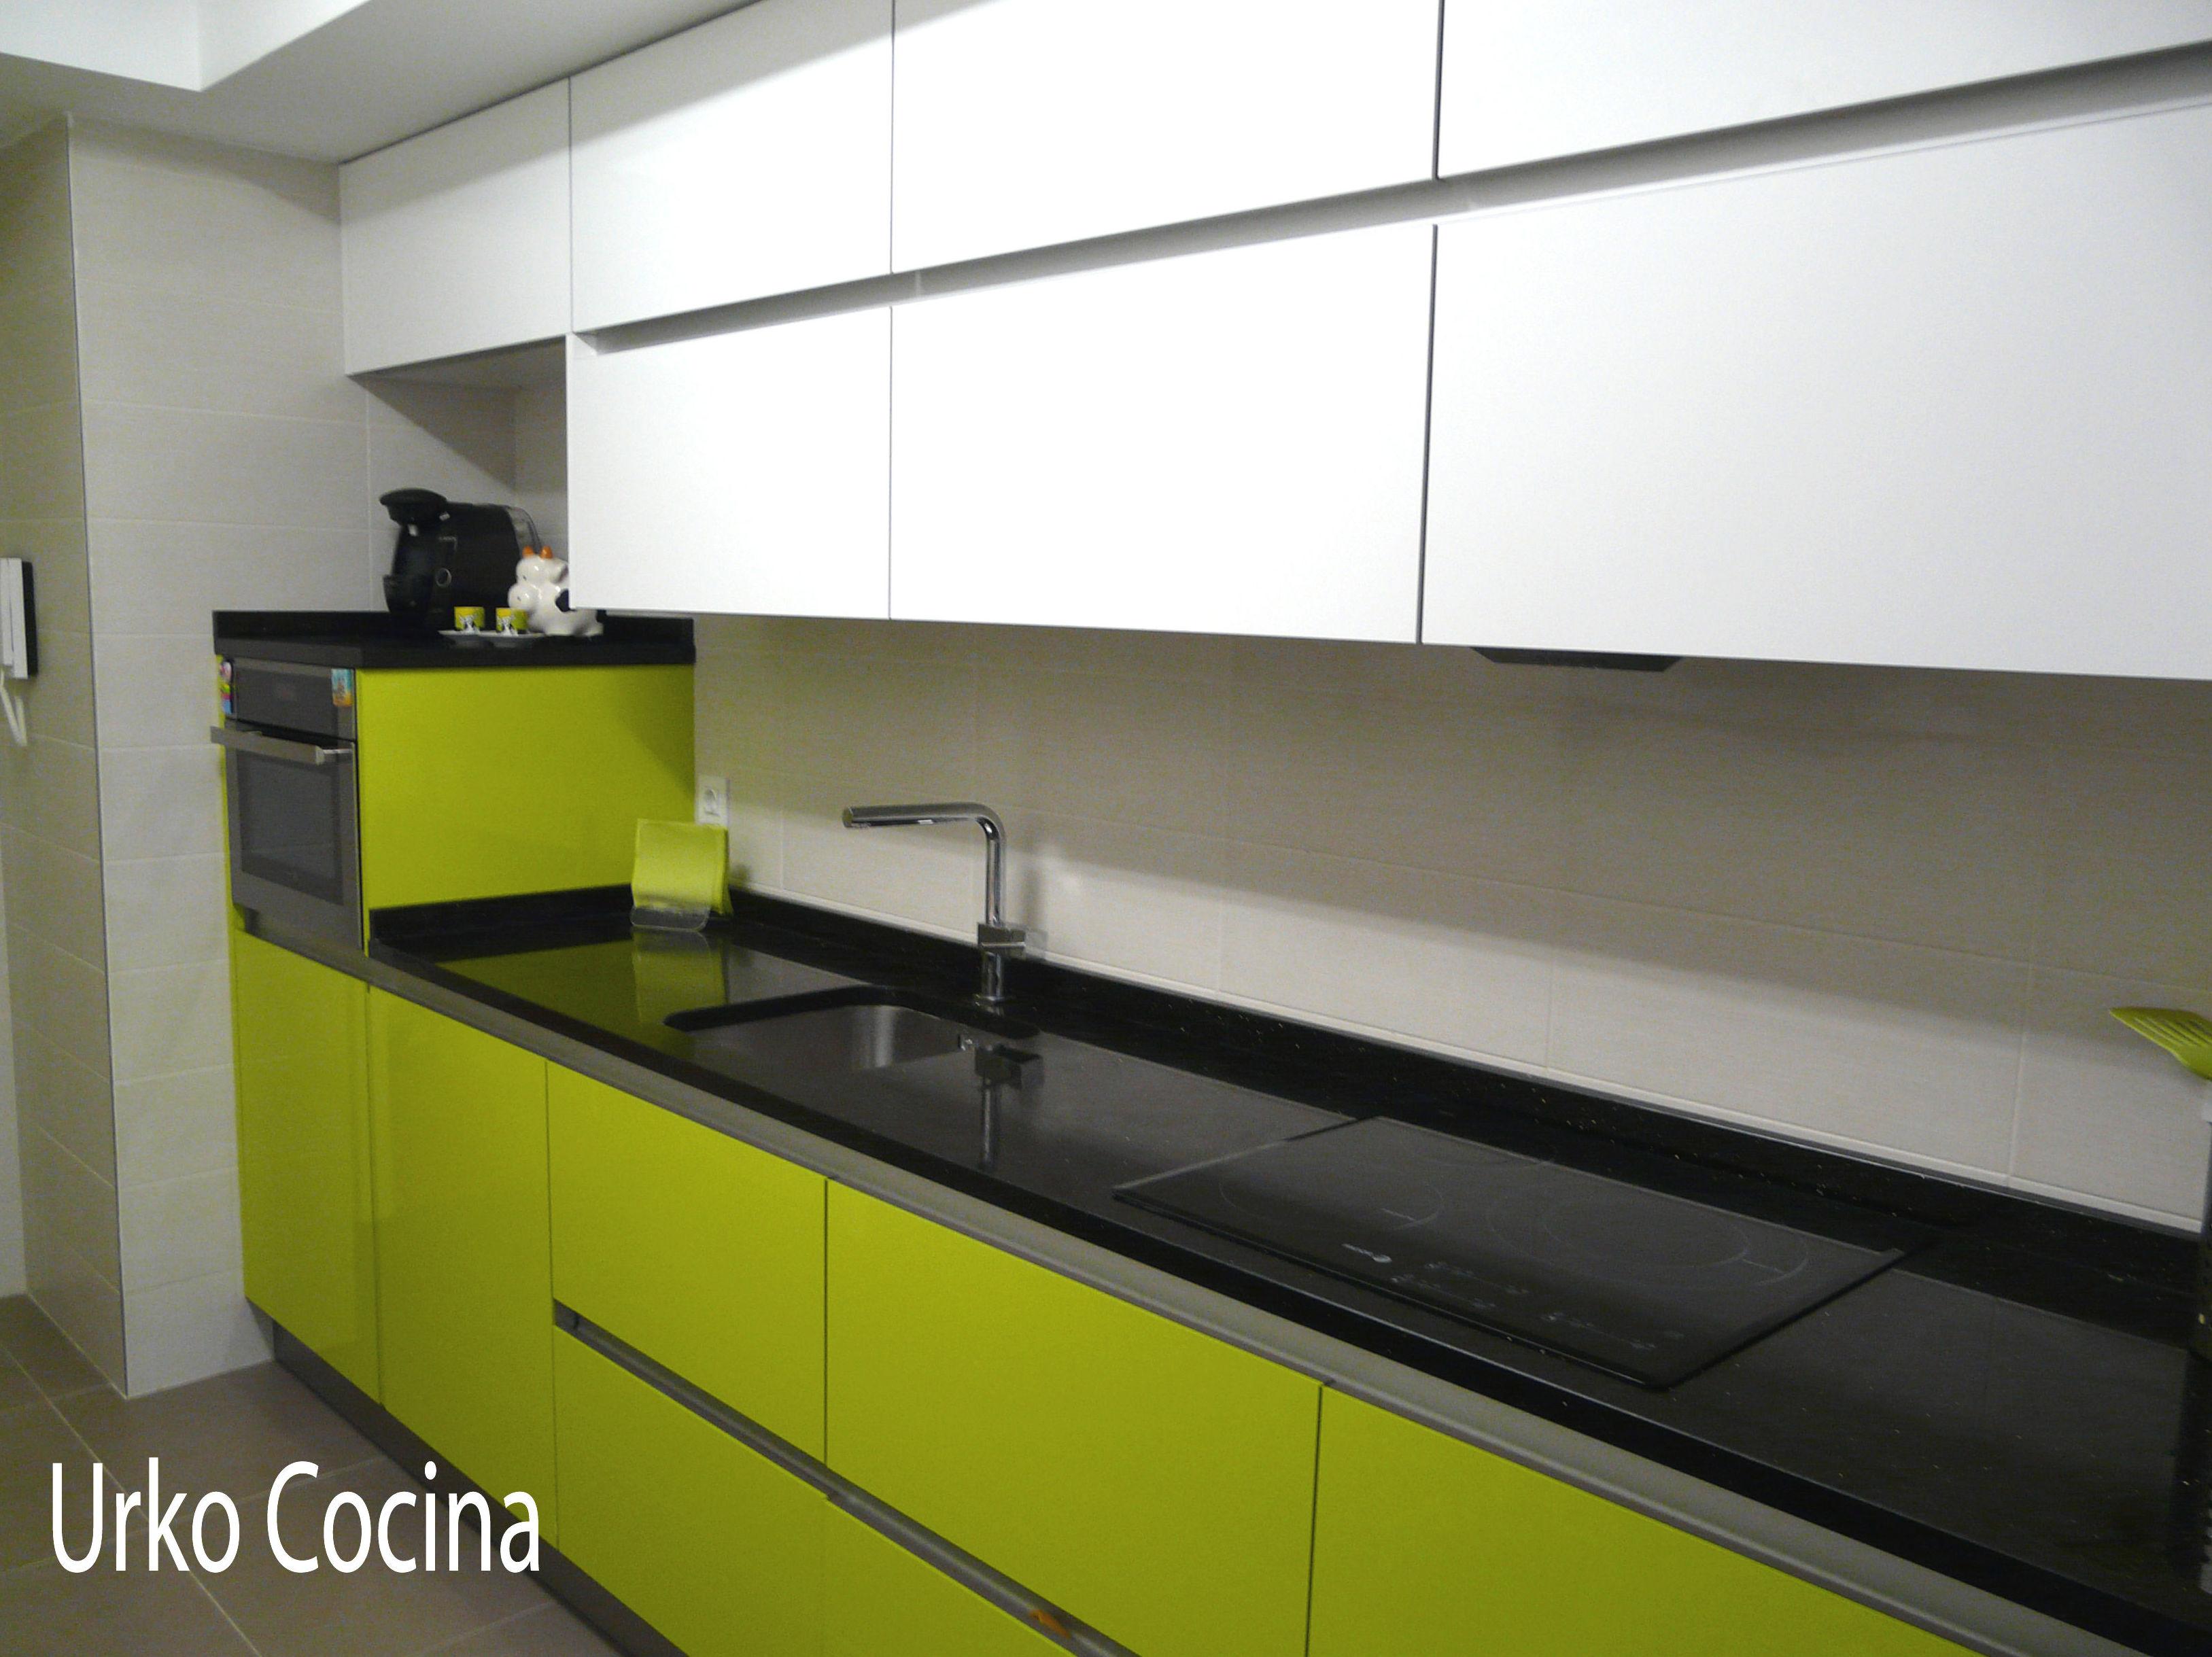 Foto 16 de Muebles de baño y cocina en Bilbao | Urko Cocina